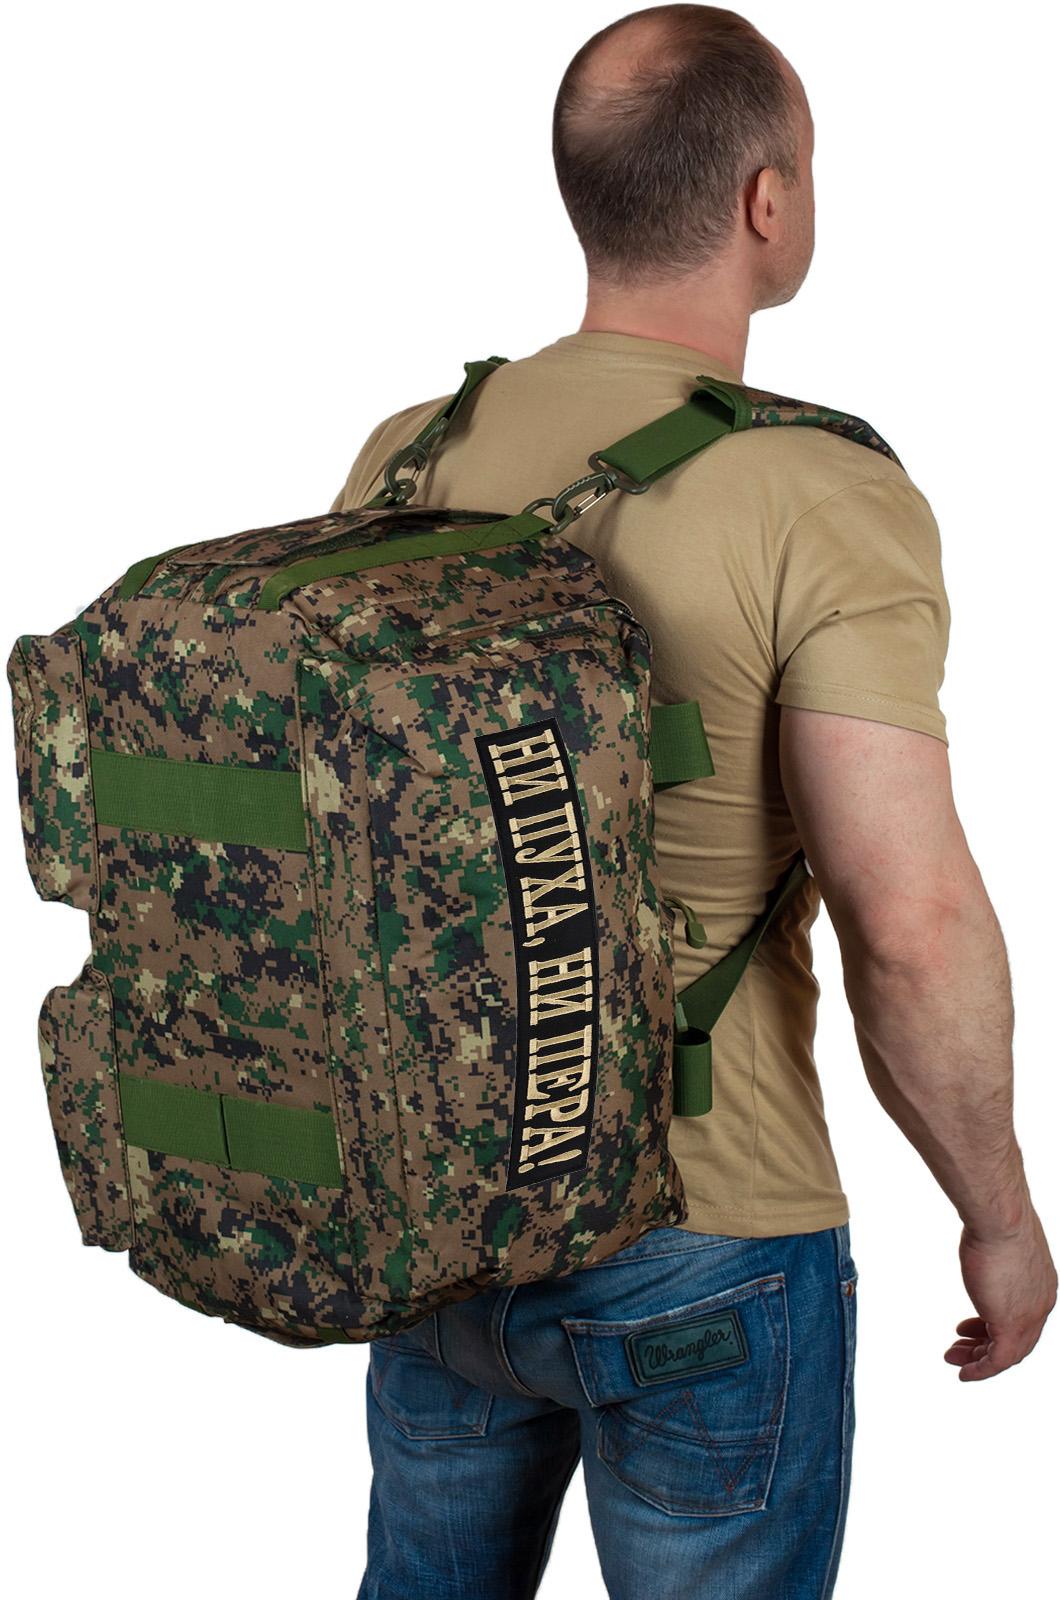 Купить камуфляжную дорожную сумку с нашивкой Ни пуха, Ни пера по выгодной цене онлайн